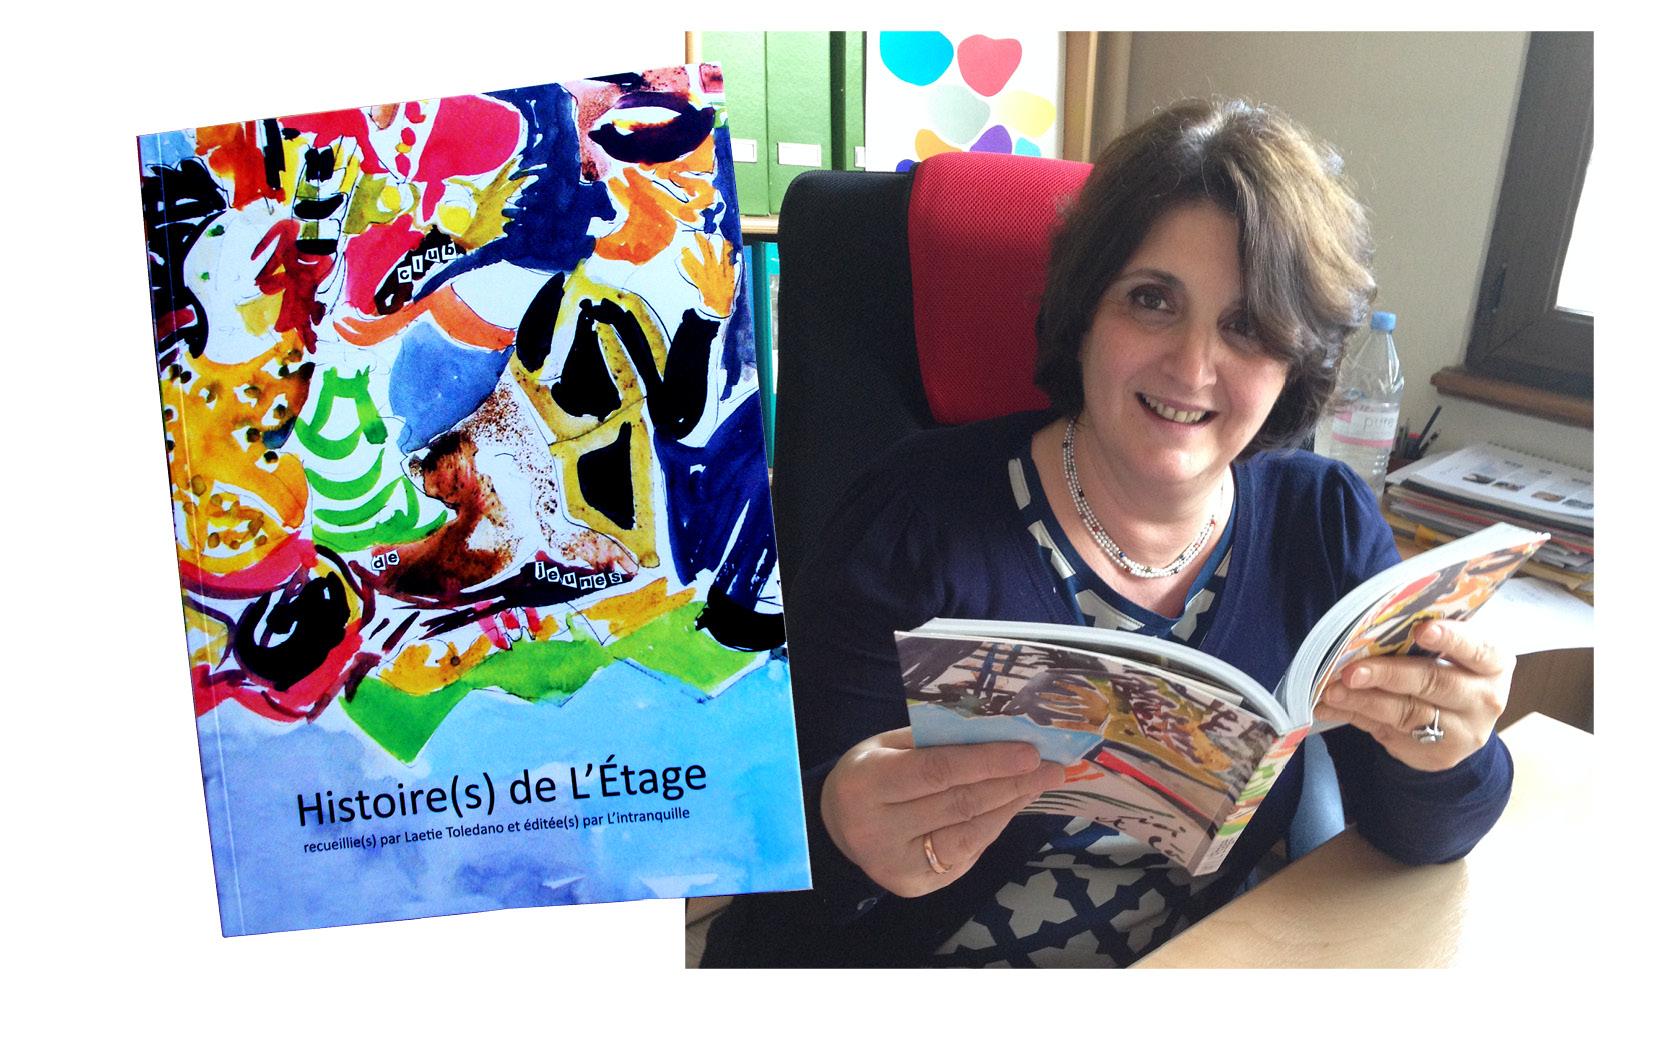 Ouvrage de 222 pages réalisé pour les 30 ans de l'Etage. Ici avec son auteure, Laetie Toledano.